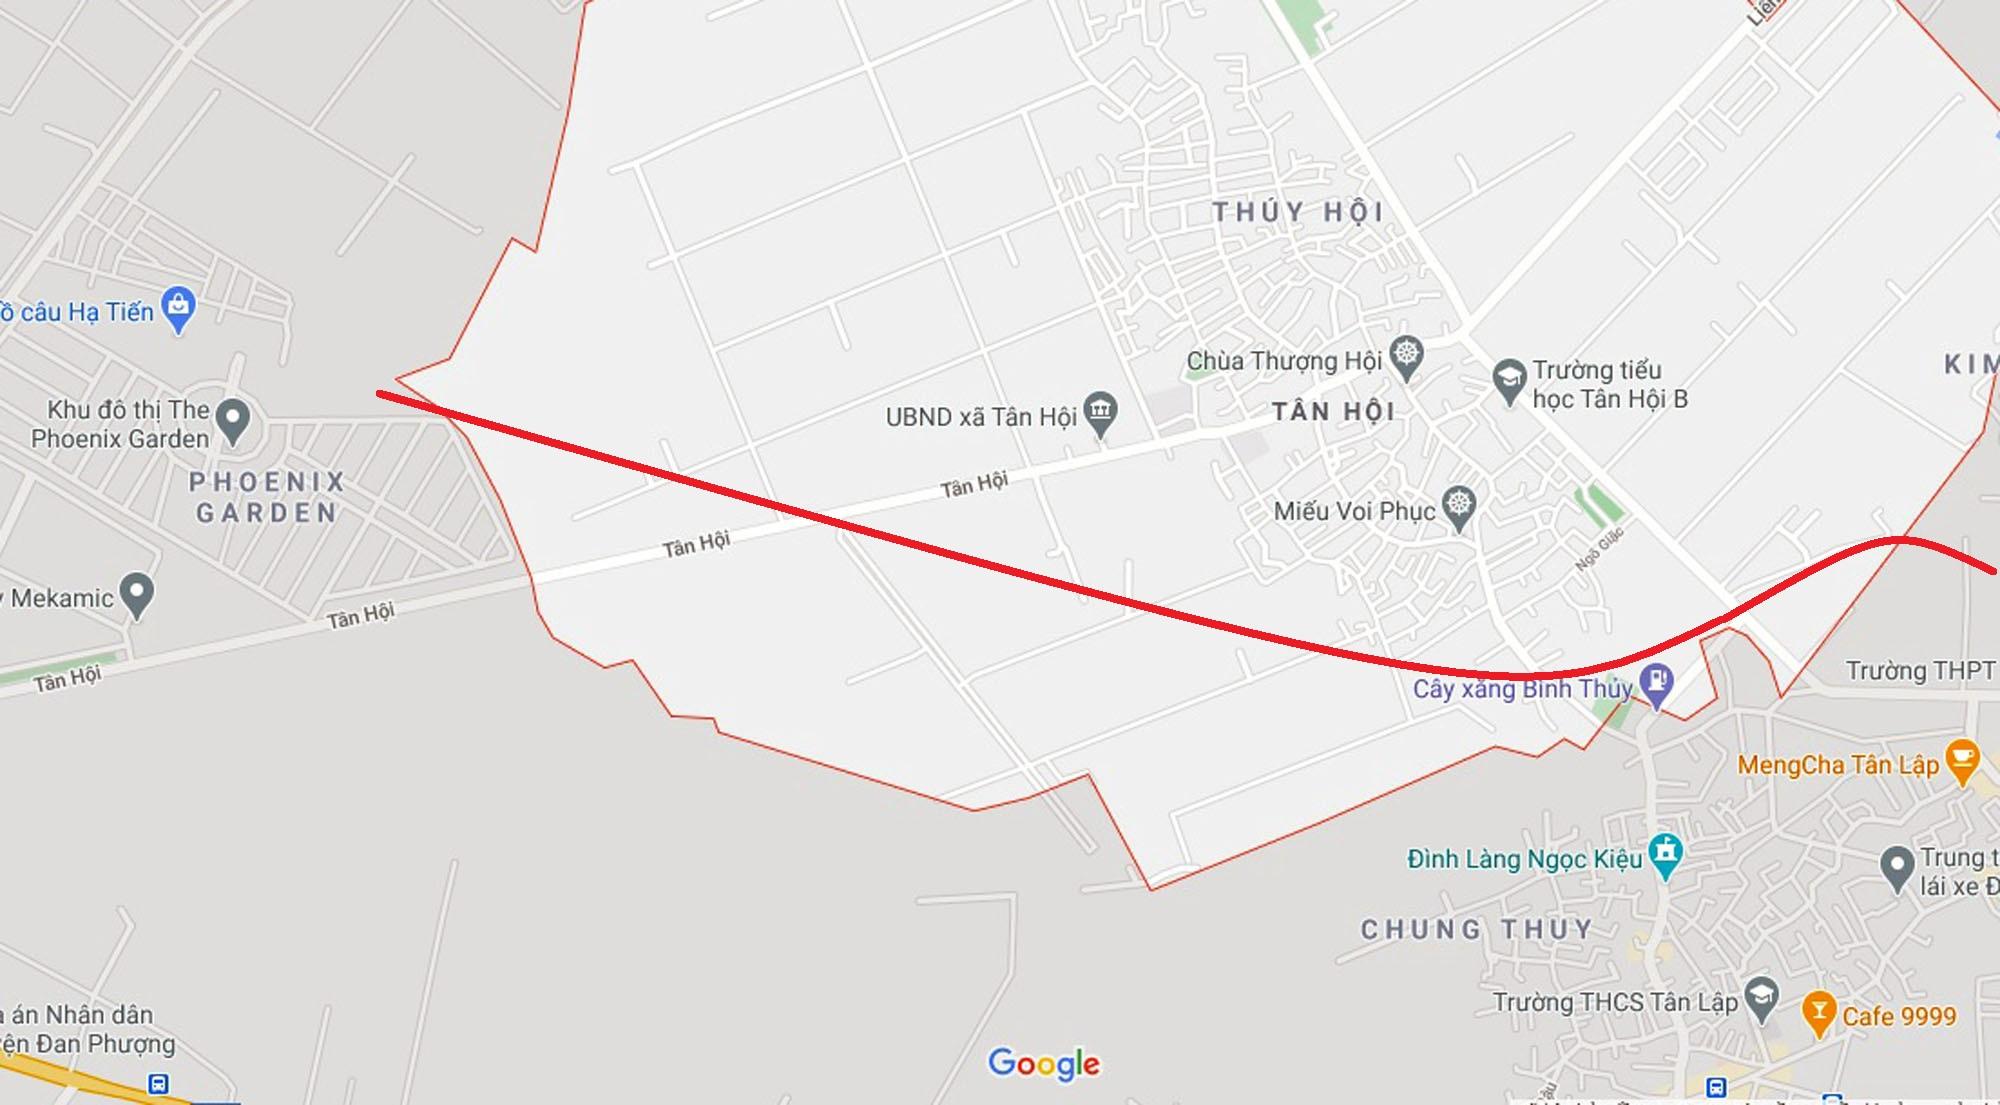 Ba đường sẽ mở theo qui hoạch ở xã Tân Hội, Đan Phượng, Hà Nội - Ảnh 2.